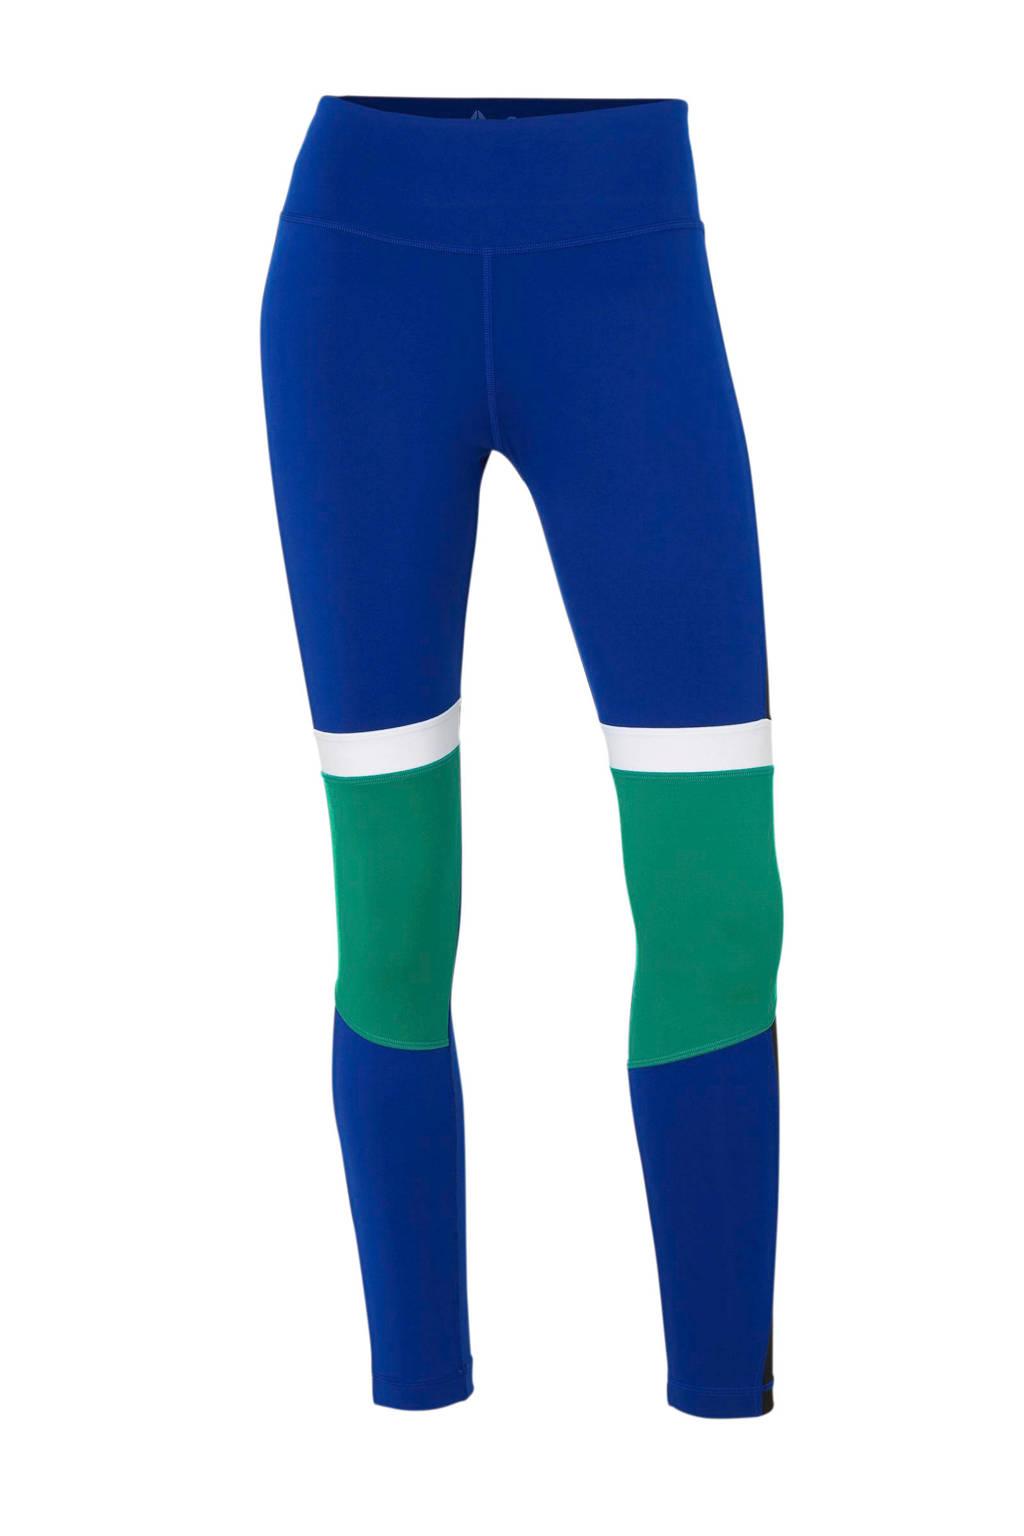 Reebok sportbroek, Kobaltblauw/groen